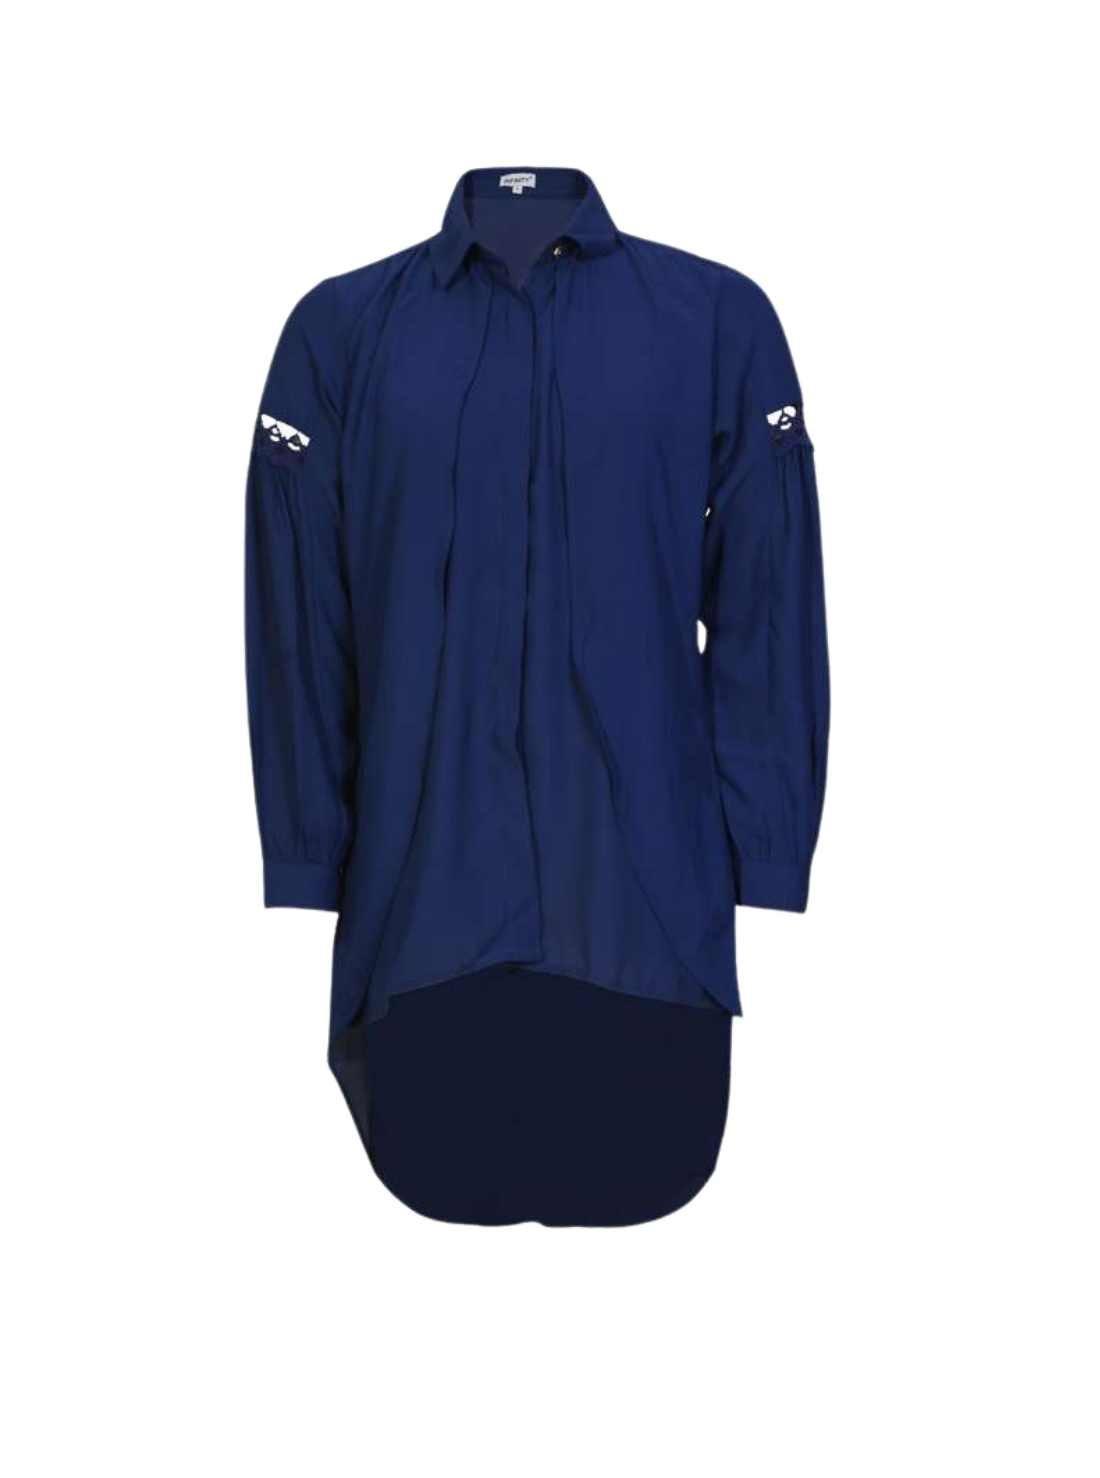 Blue western tops manufacturer